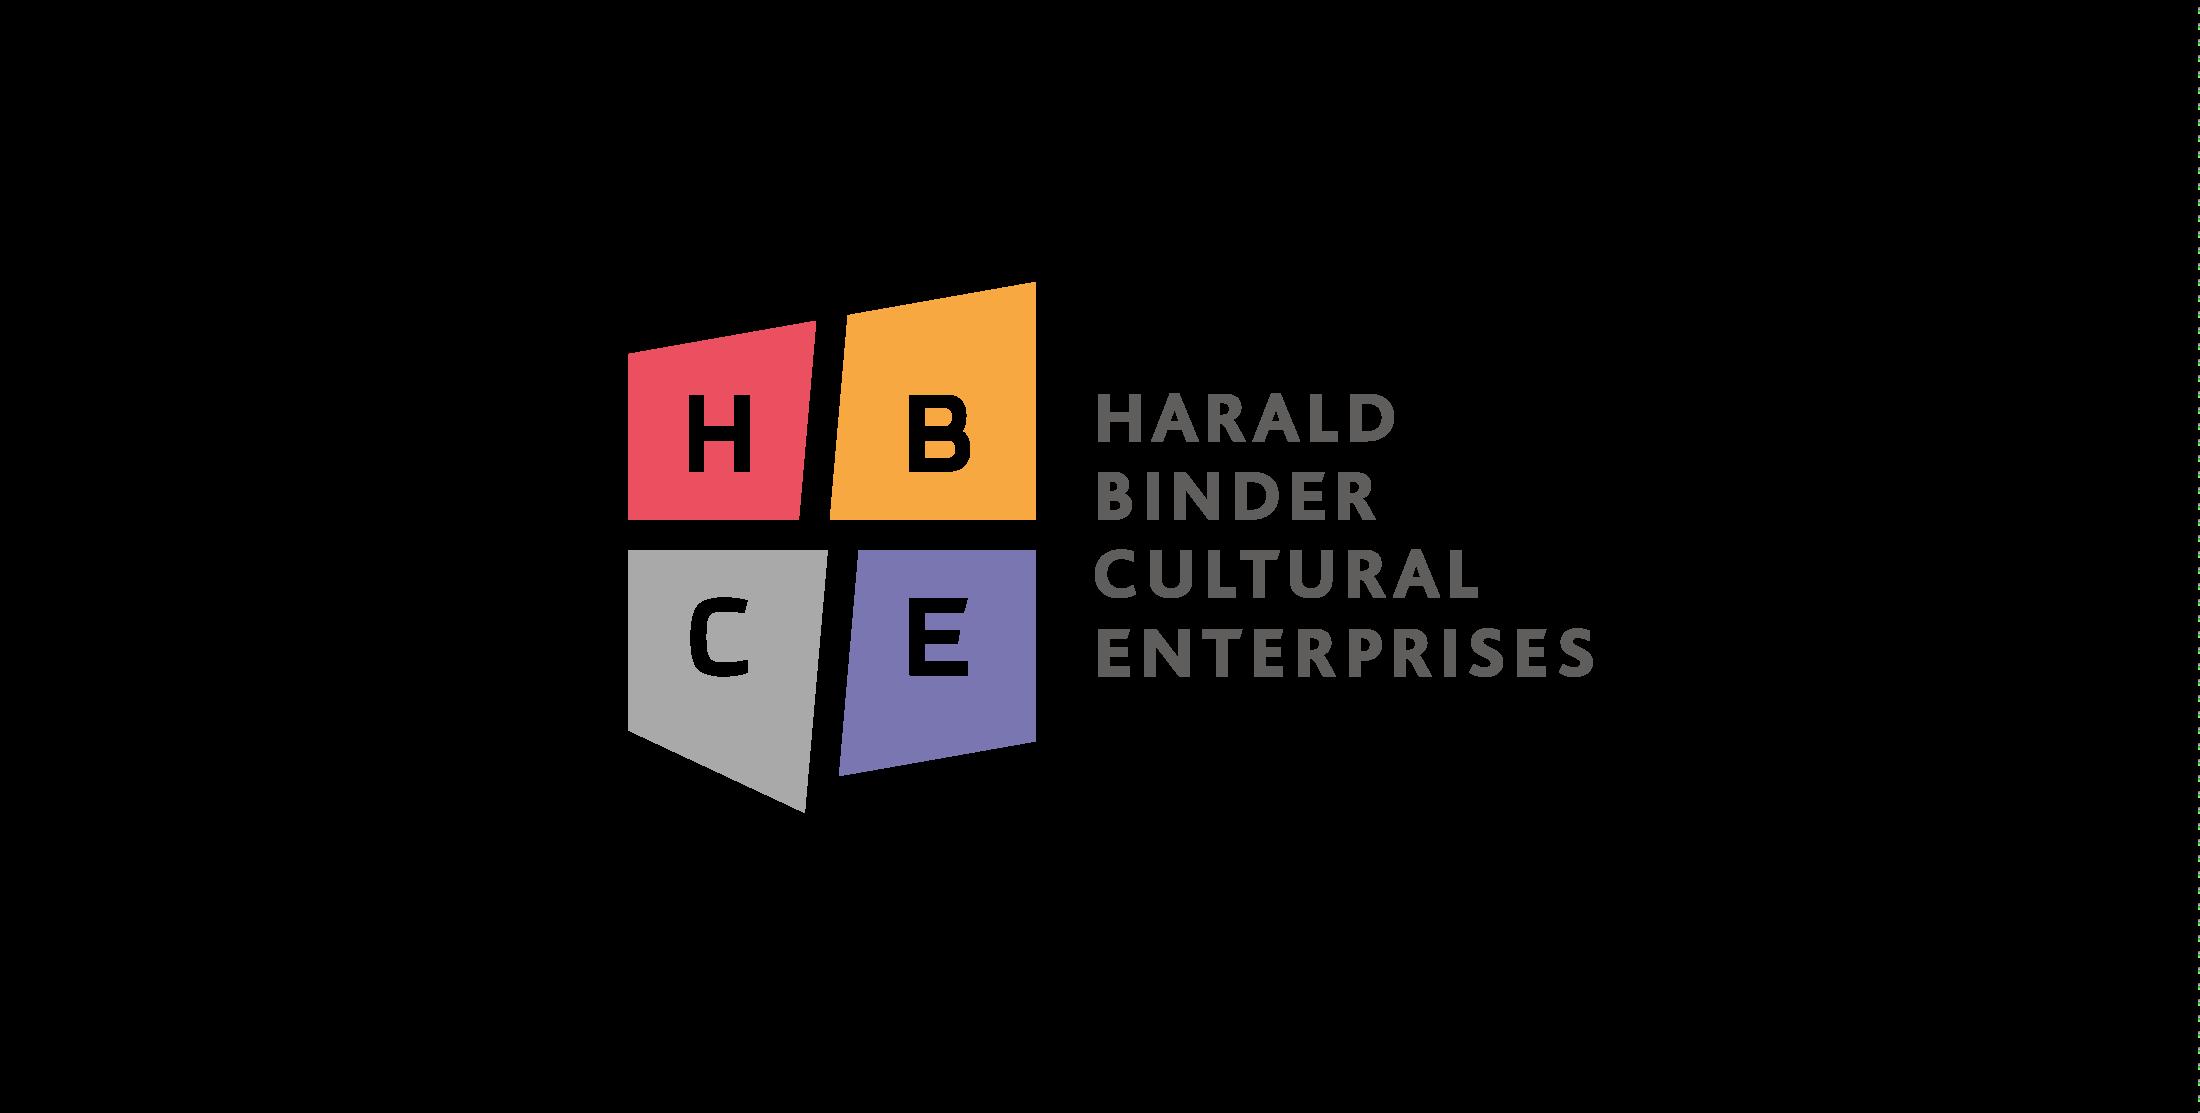 Harald Binder Cultural Enterprises